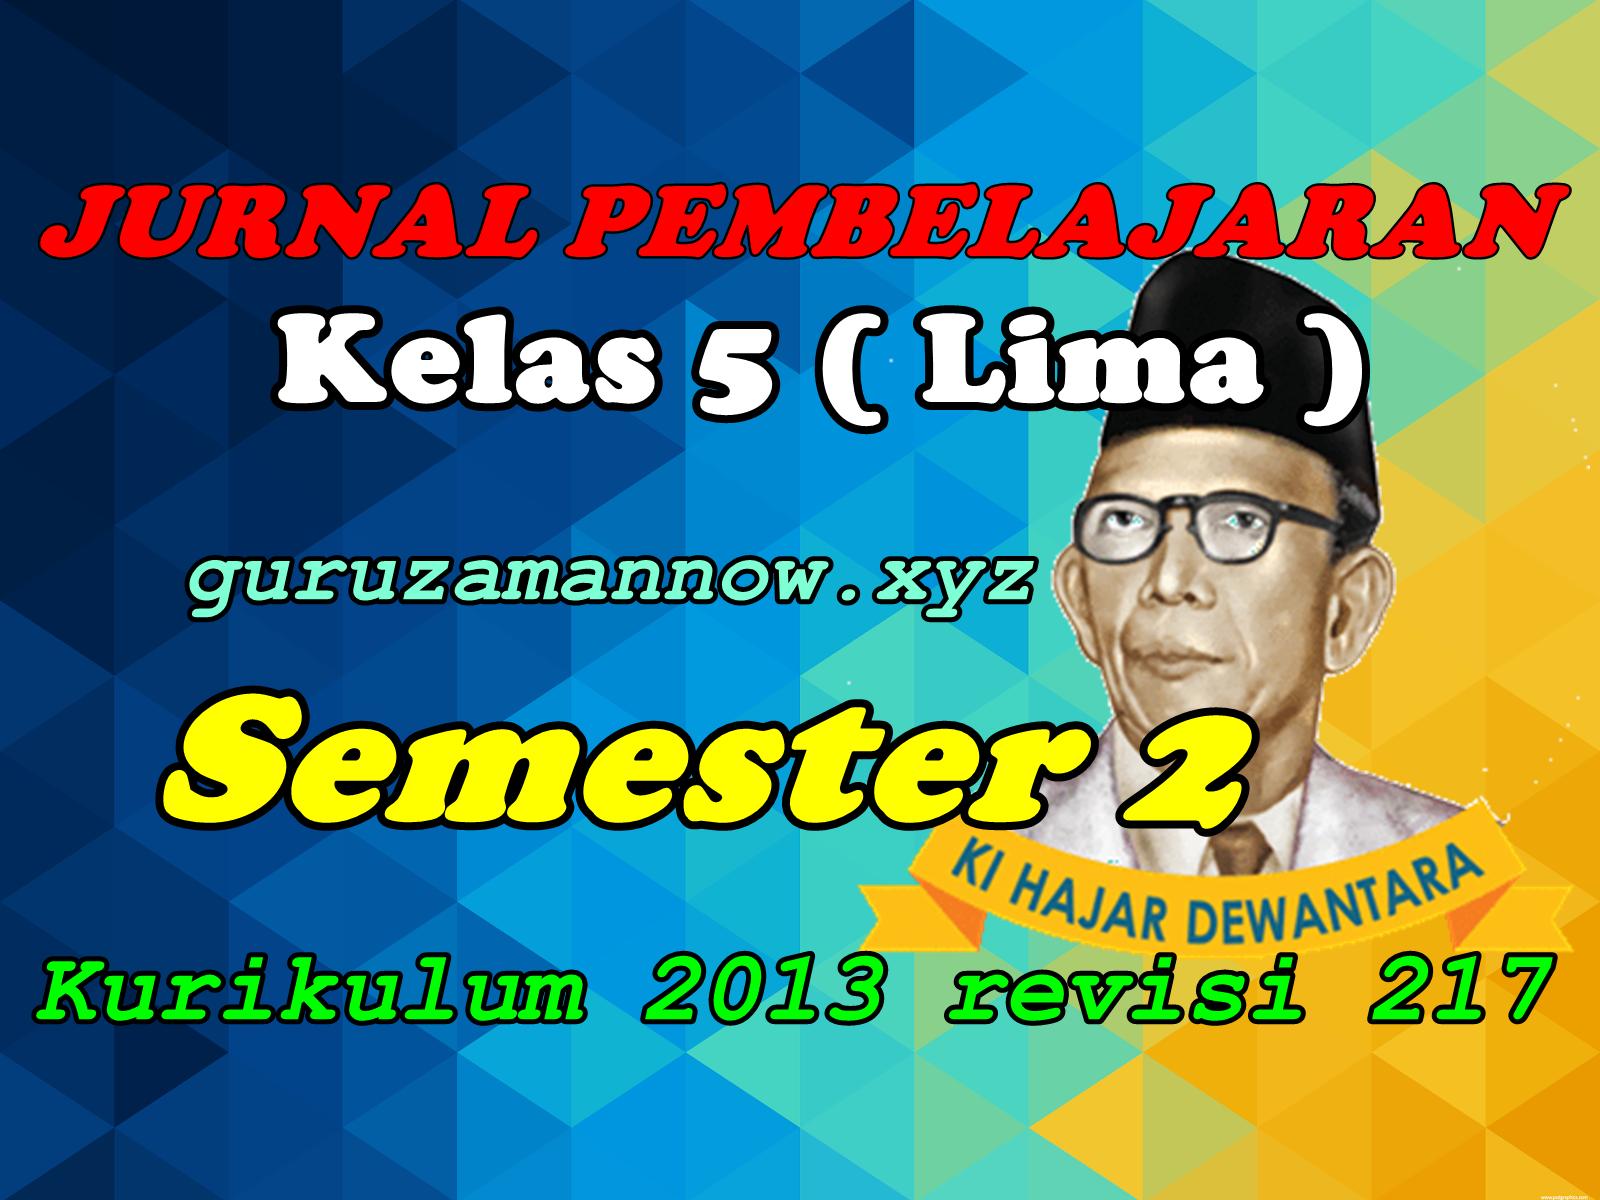 Jurnal Pembelajaran Tematik Sd Mi Kelas 5 Semester 2 Kurikulum 2013 Revisi 2017 Guruzamannow Com